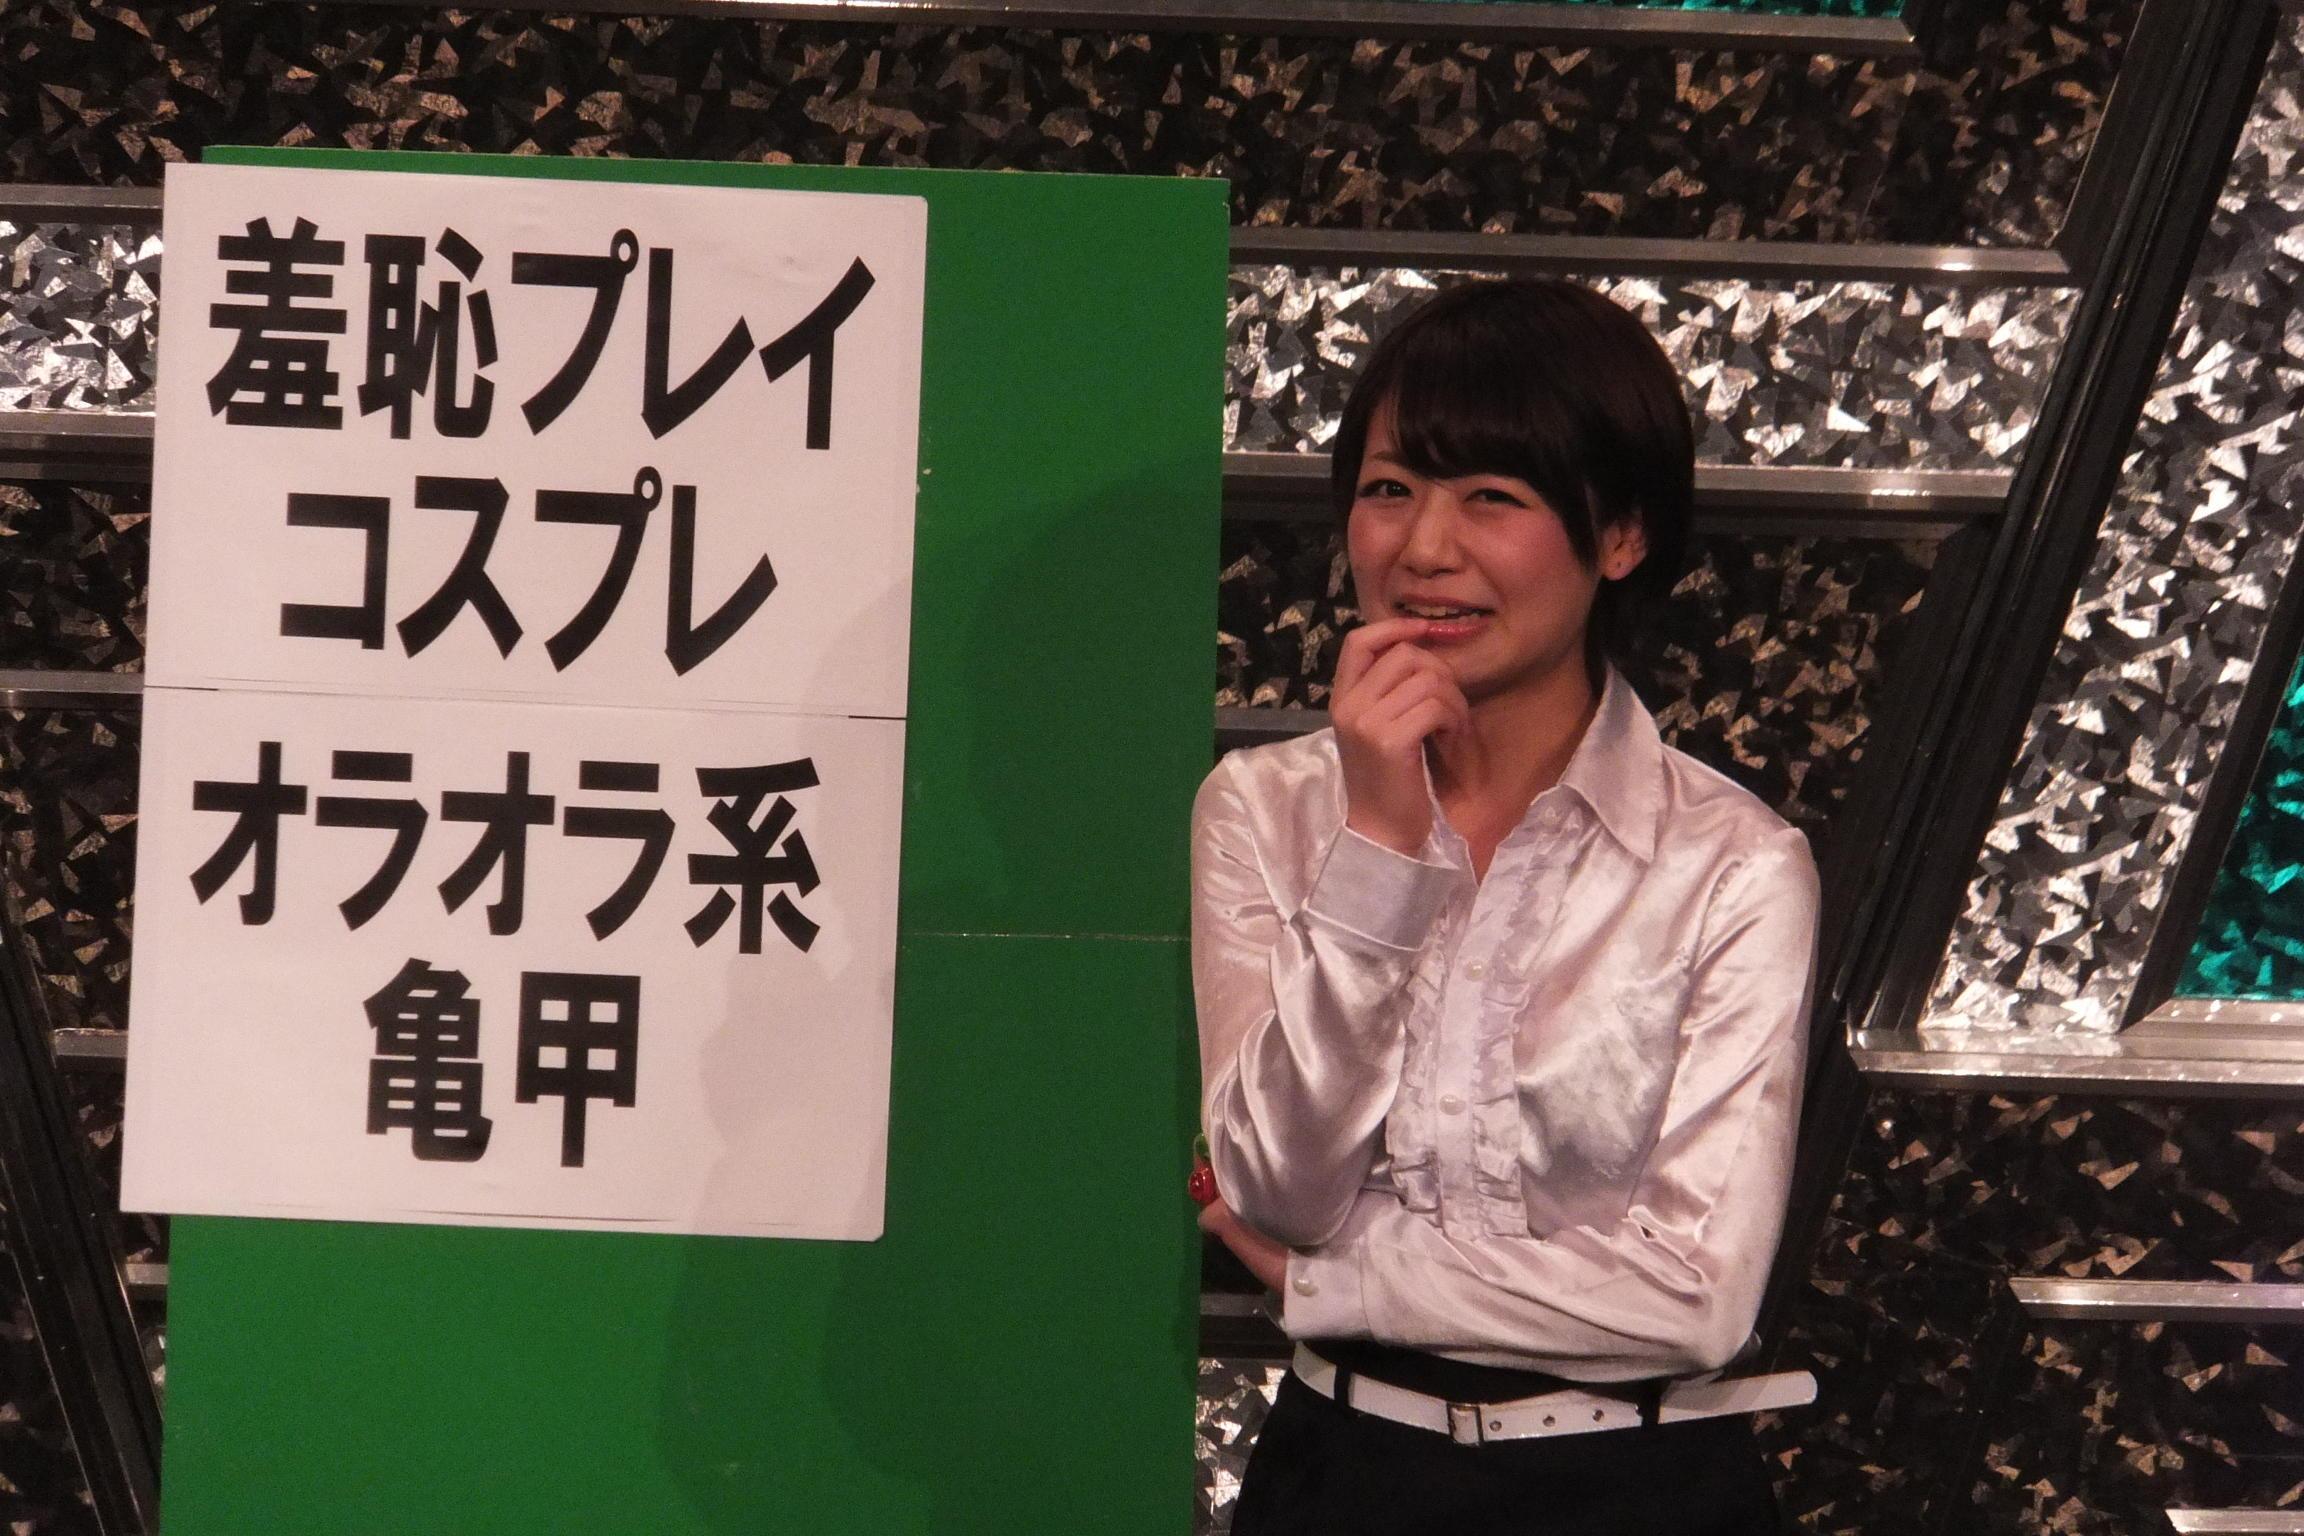 http://news.yoshimoto.co.jp/20160129151941-dde92f3005ebf772e9e90bd6226b8628c03ea8f2.jpg